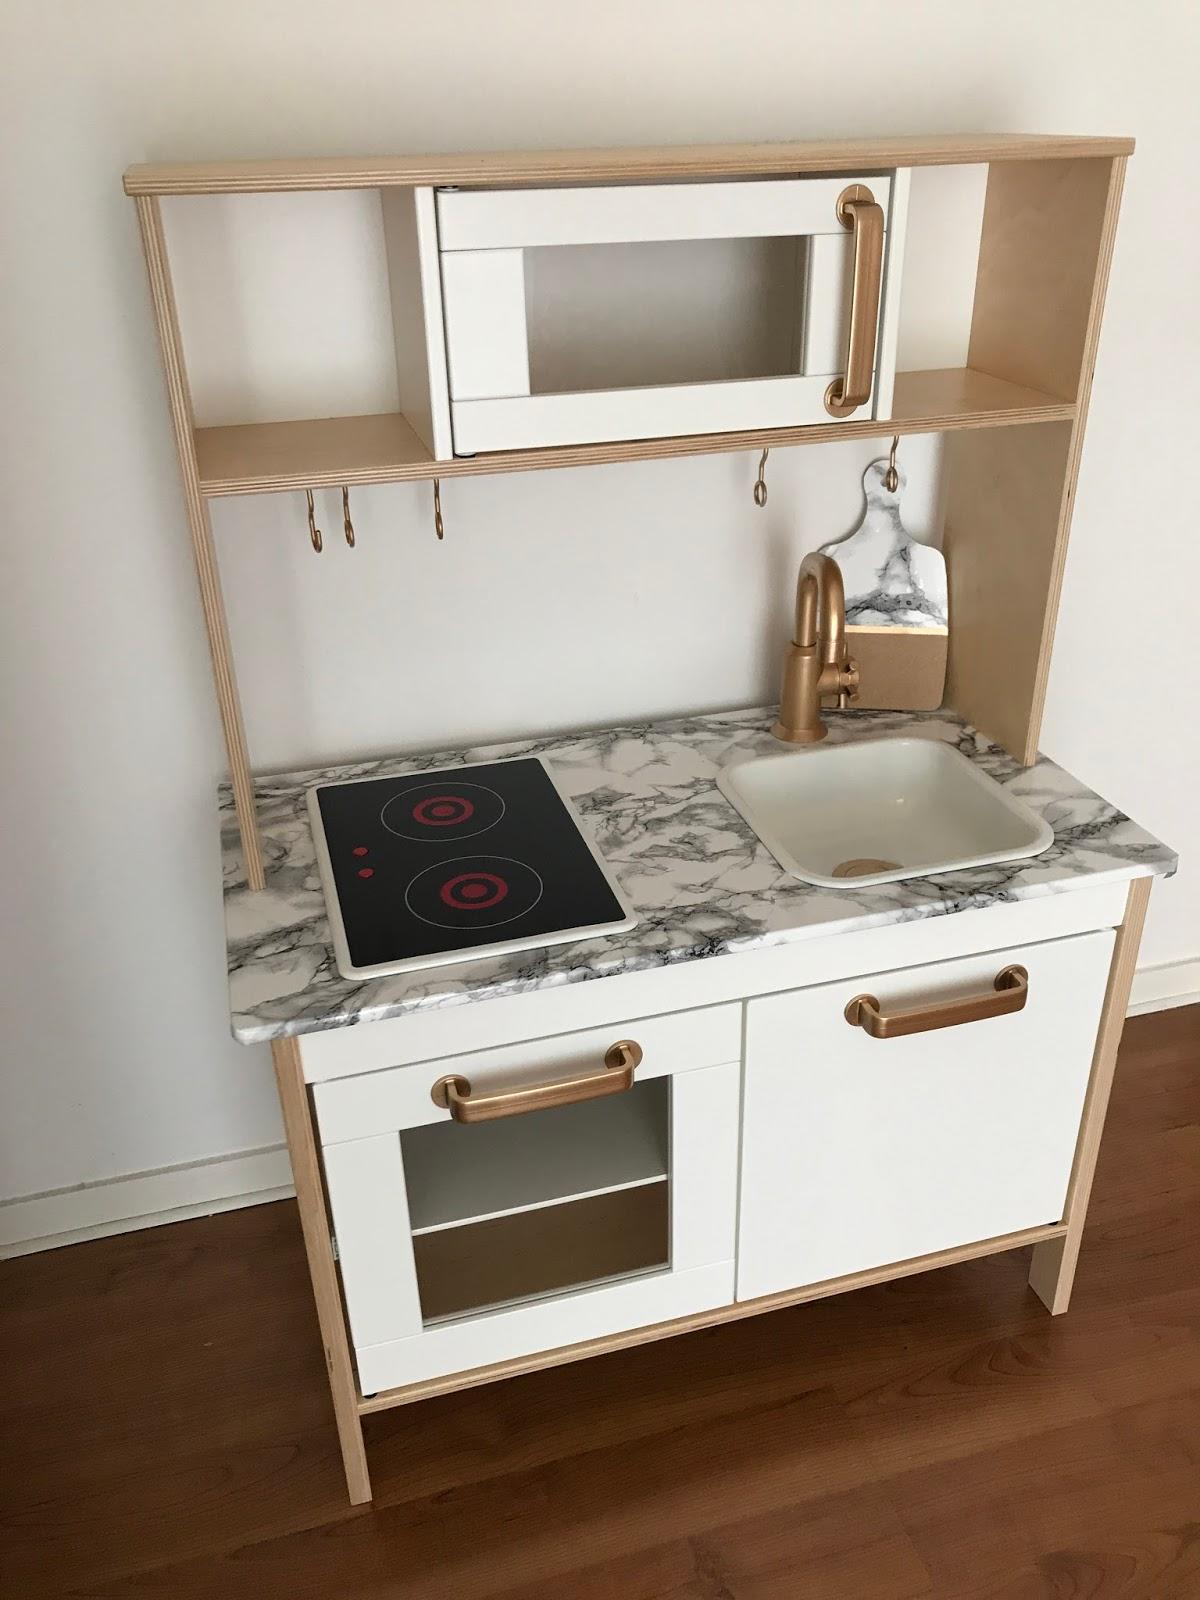 ikea cuisine pour enfant cuisine bois enfant ikea mjtj. Black Bedroom Furniture Sets. Home Design Ideas